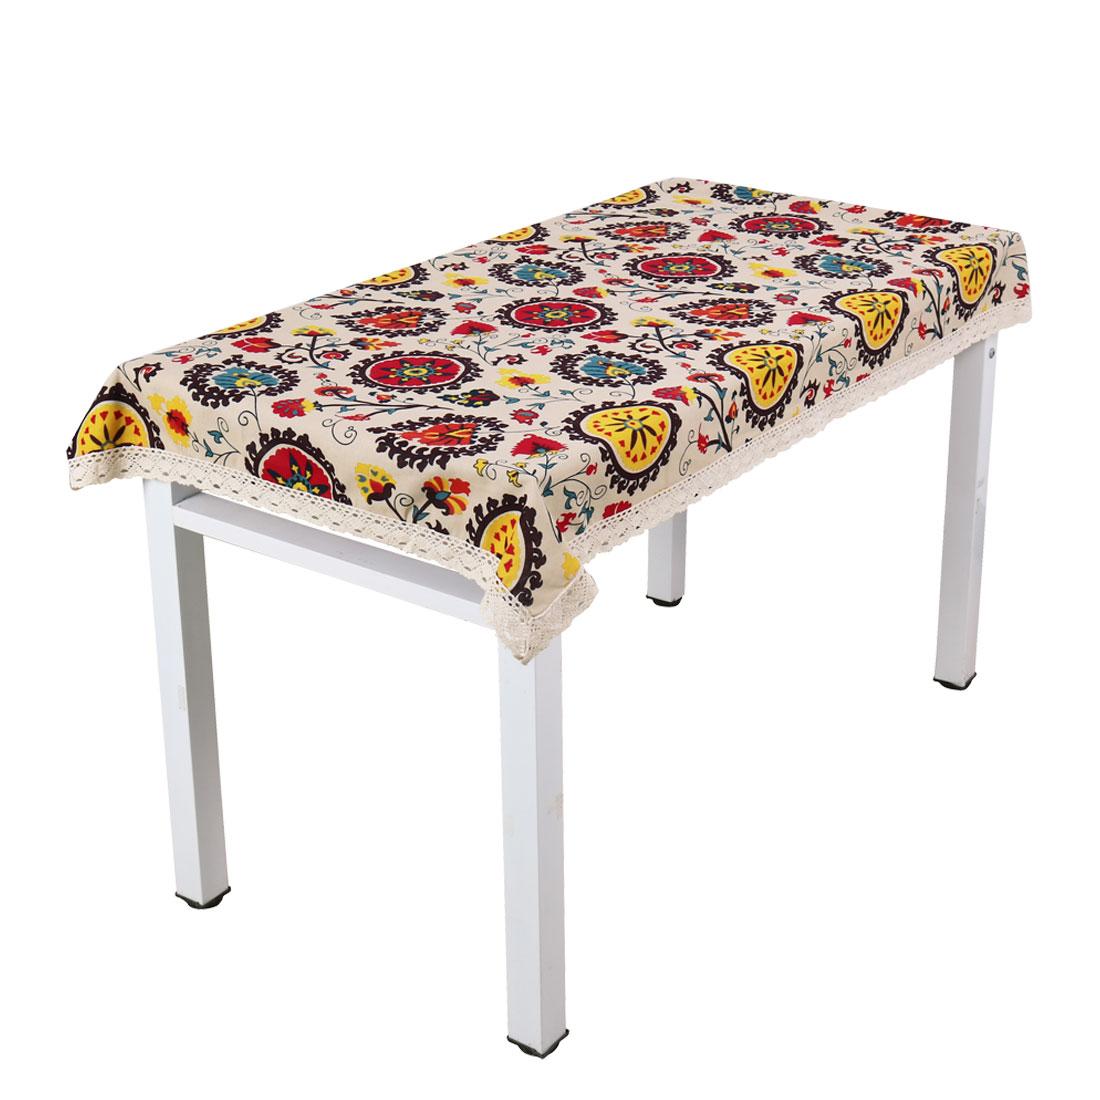 Vintage Lace Sun Flower Tablecloth Cotton Washable Table Cover 140 x 160cm